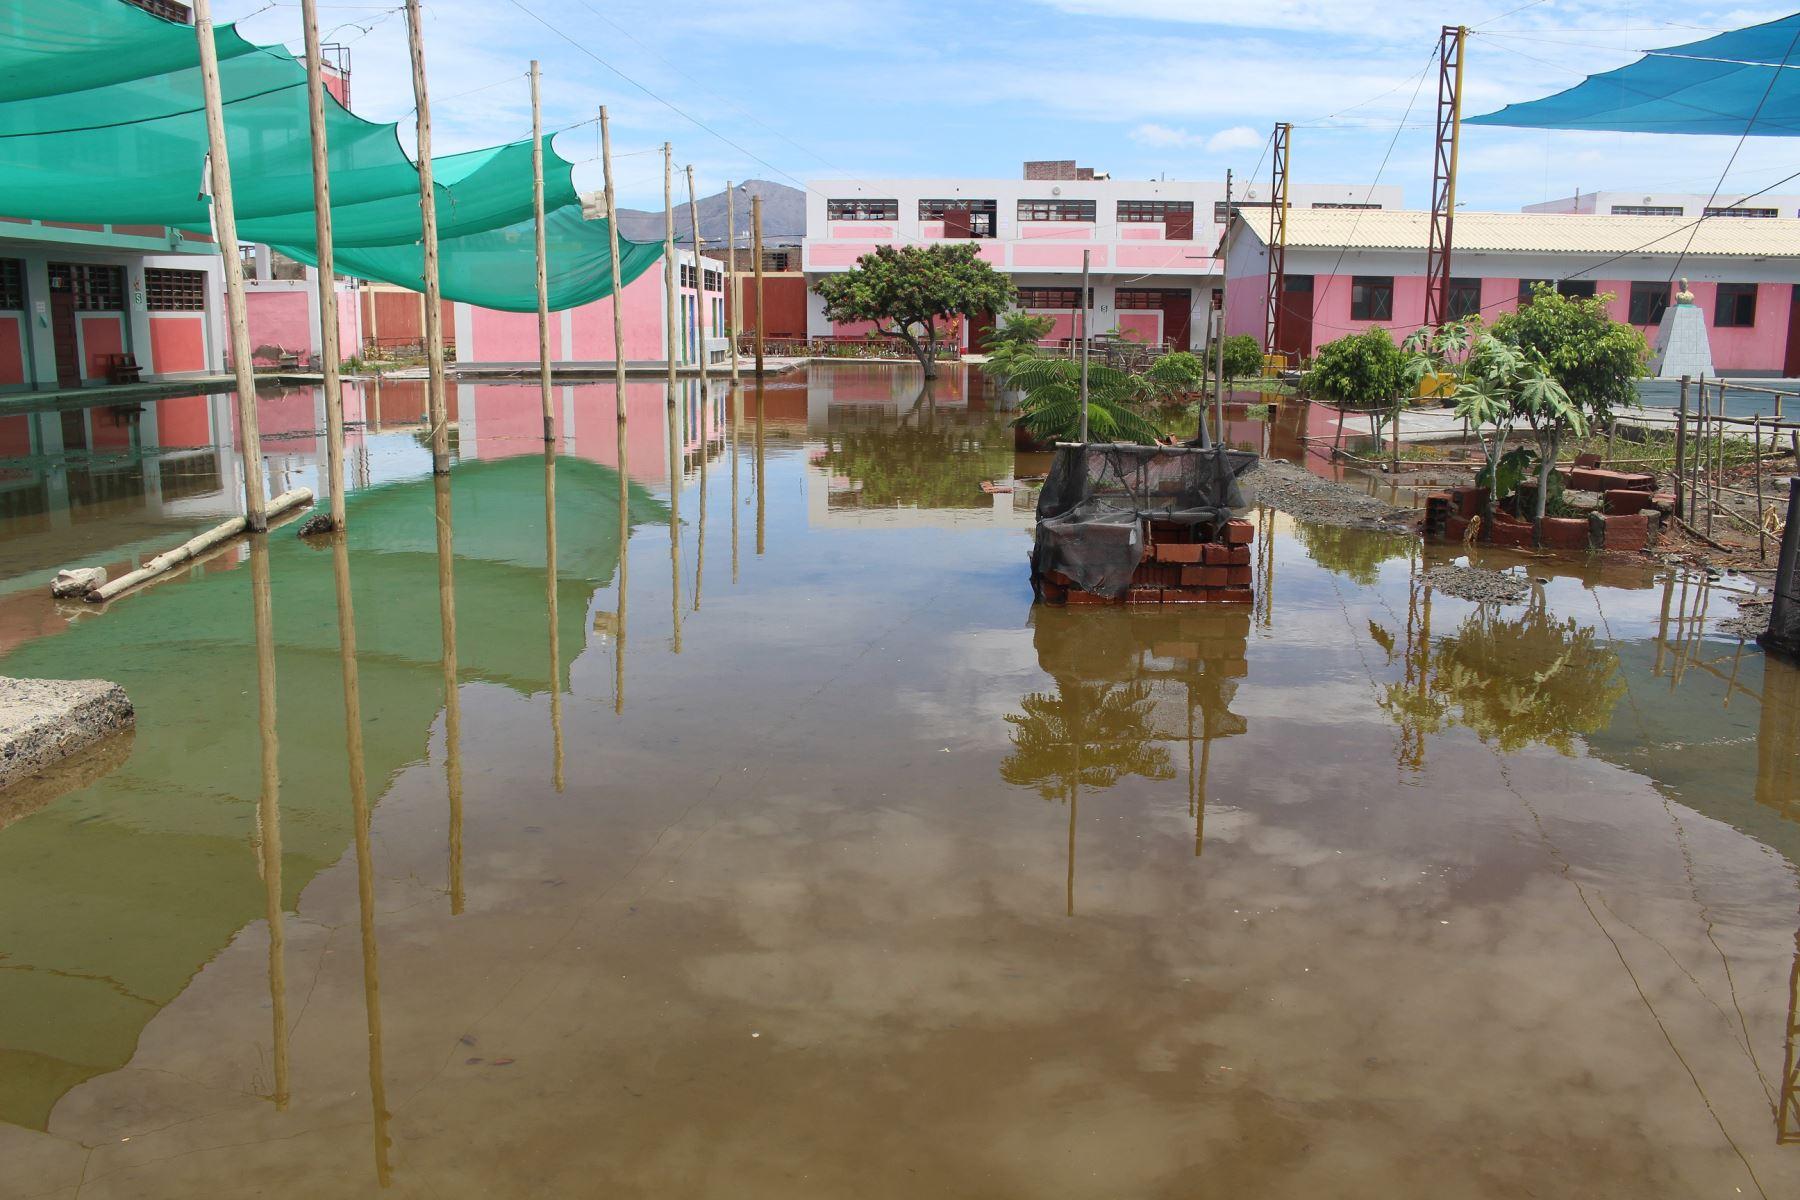 Emergencias han afectado infraestructura de 10 colegios en región Áncash, reportó el COER local. ANDINA/Difusión